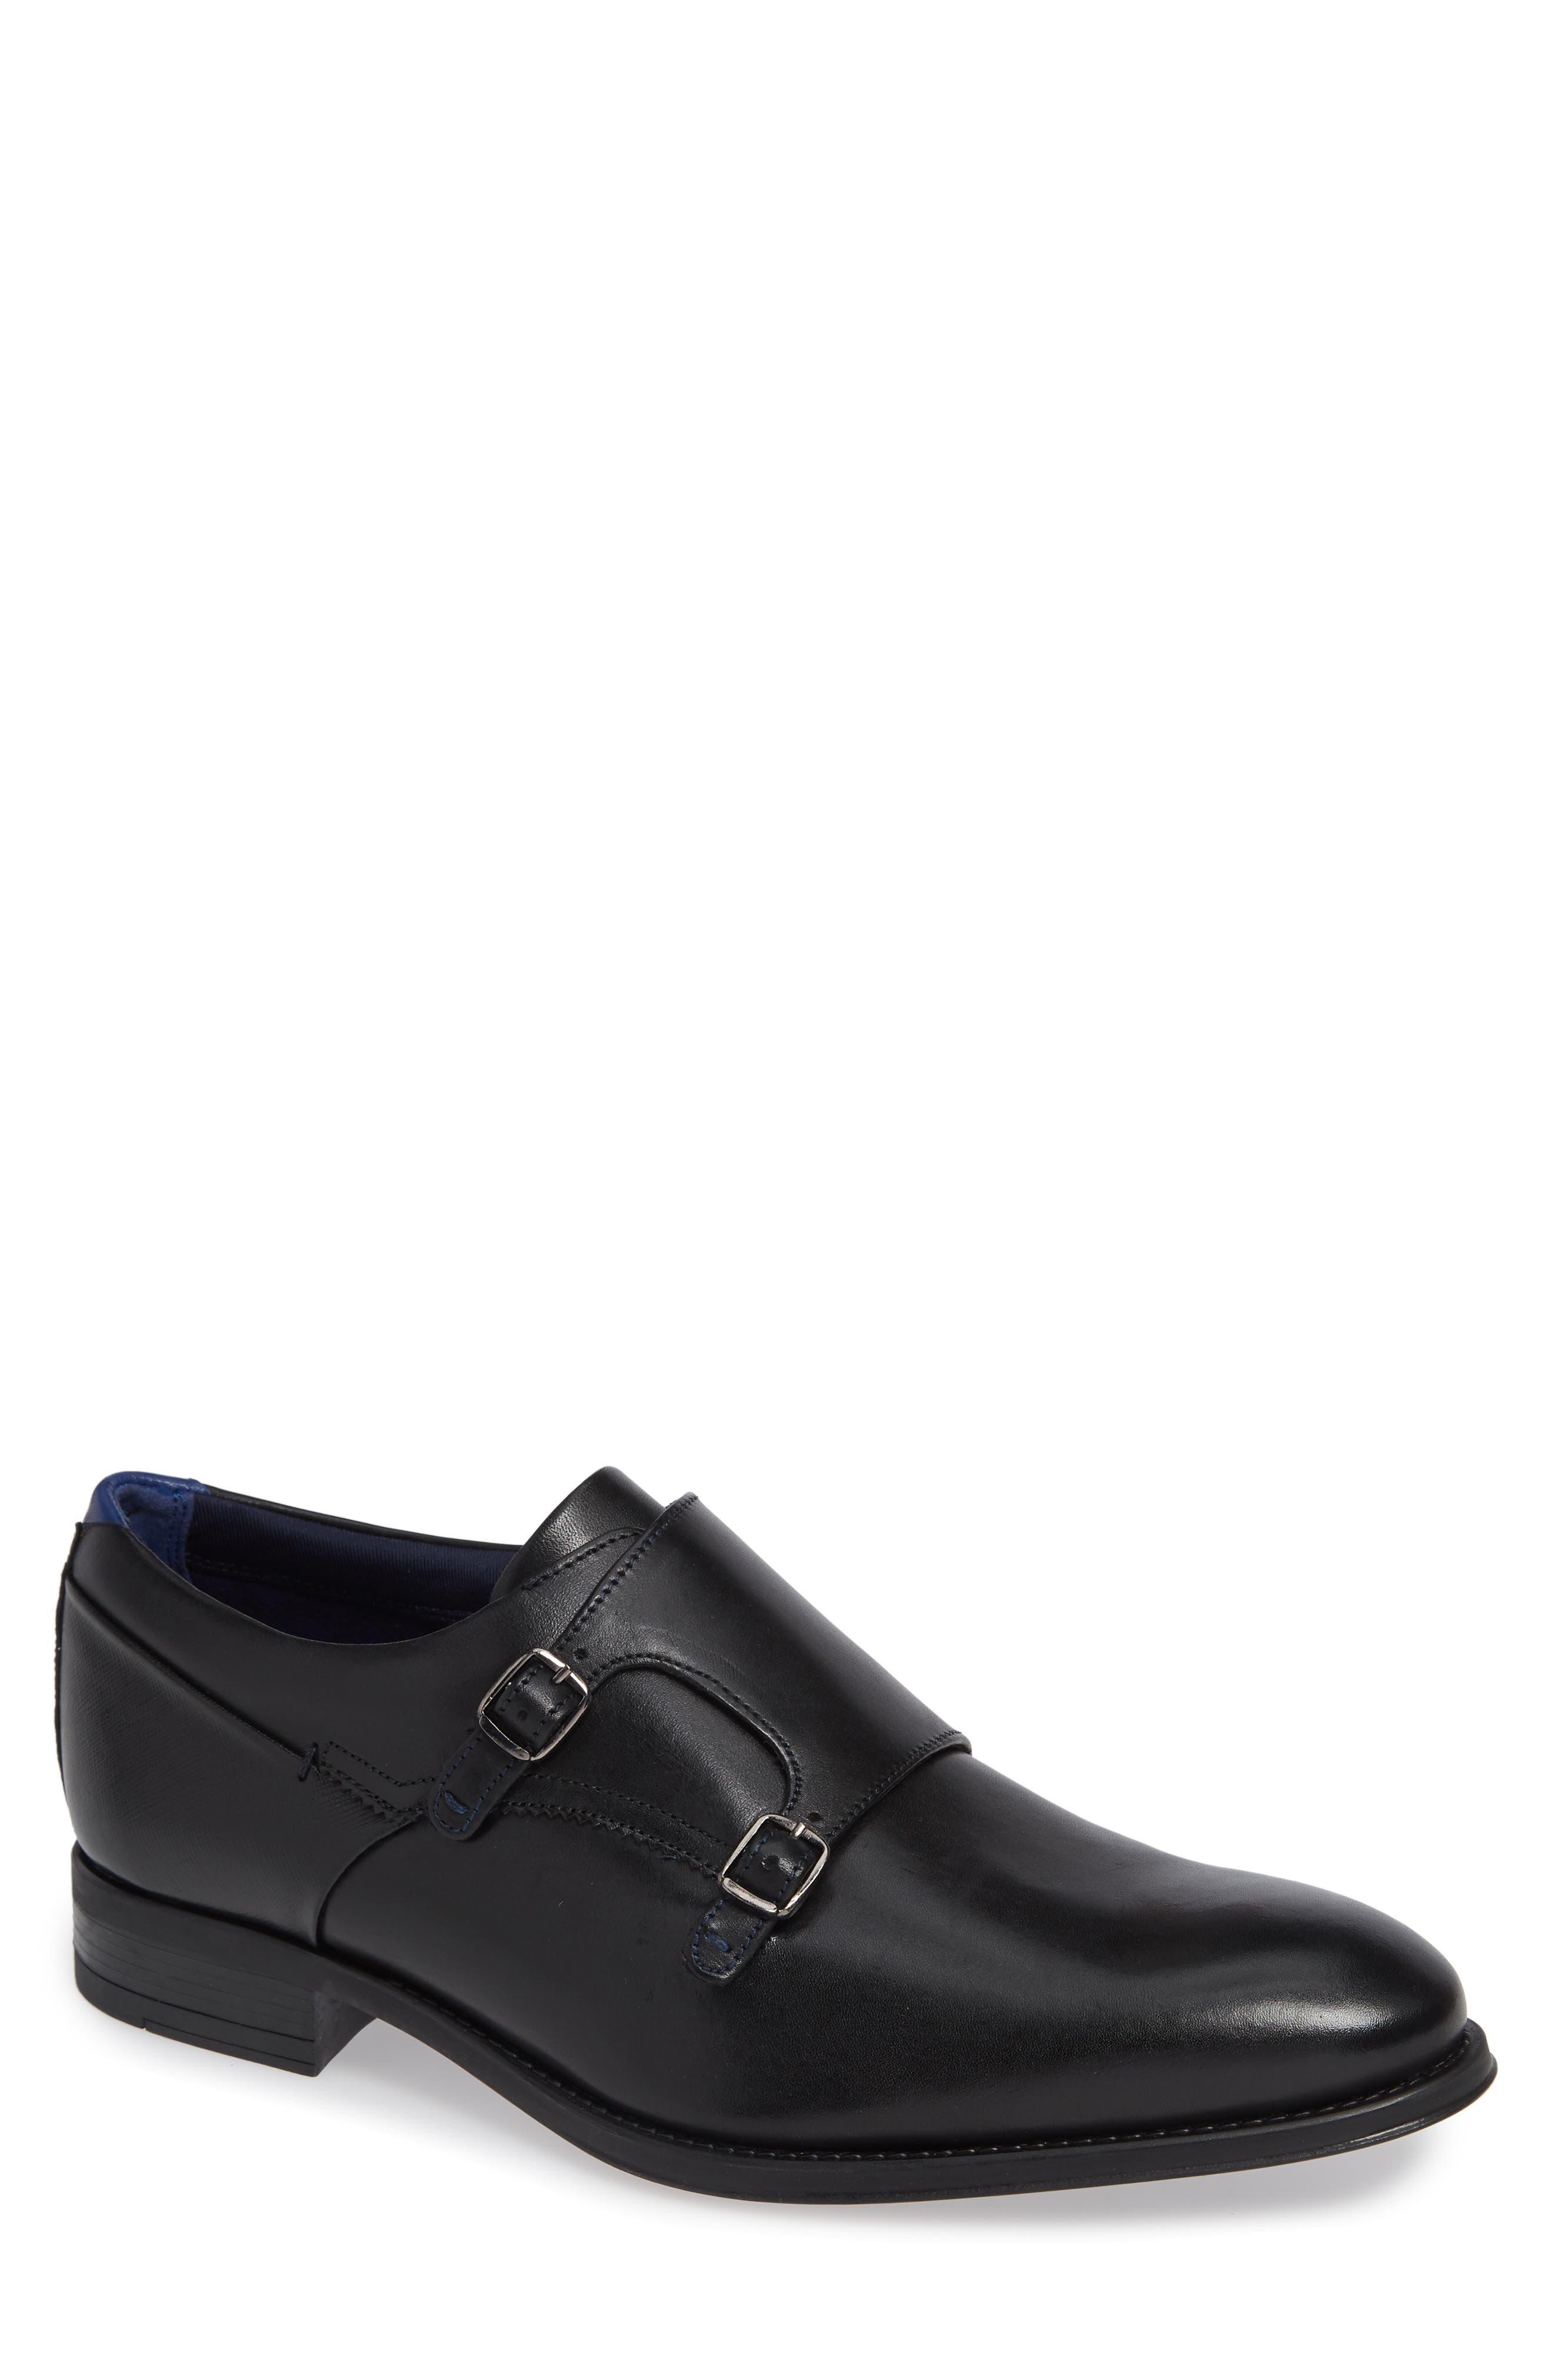 Cathon Double Buckle Monk Shoe,                         Main,                         color, BLACK LEATHER